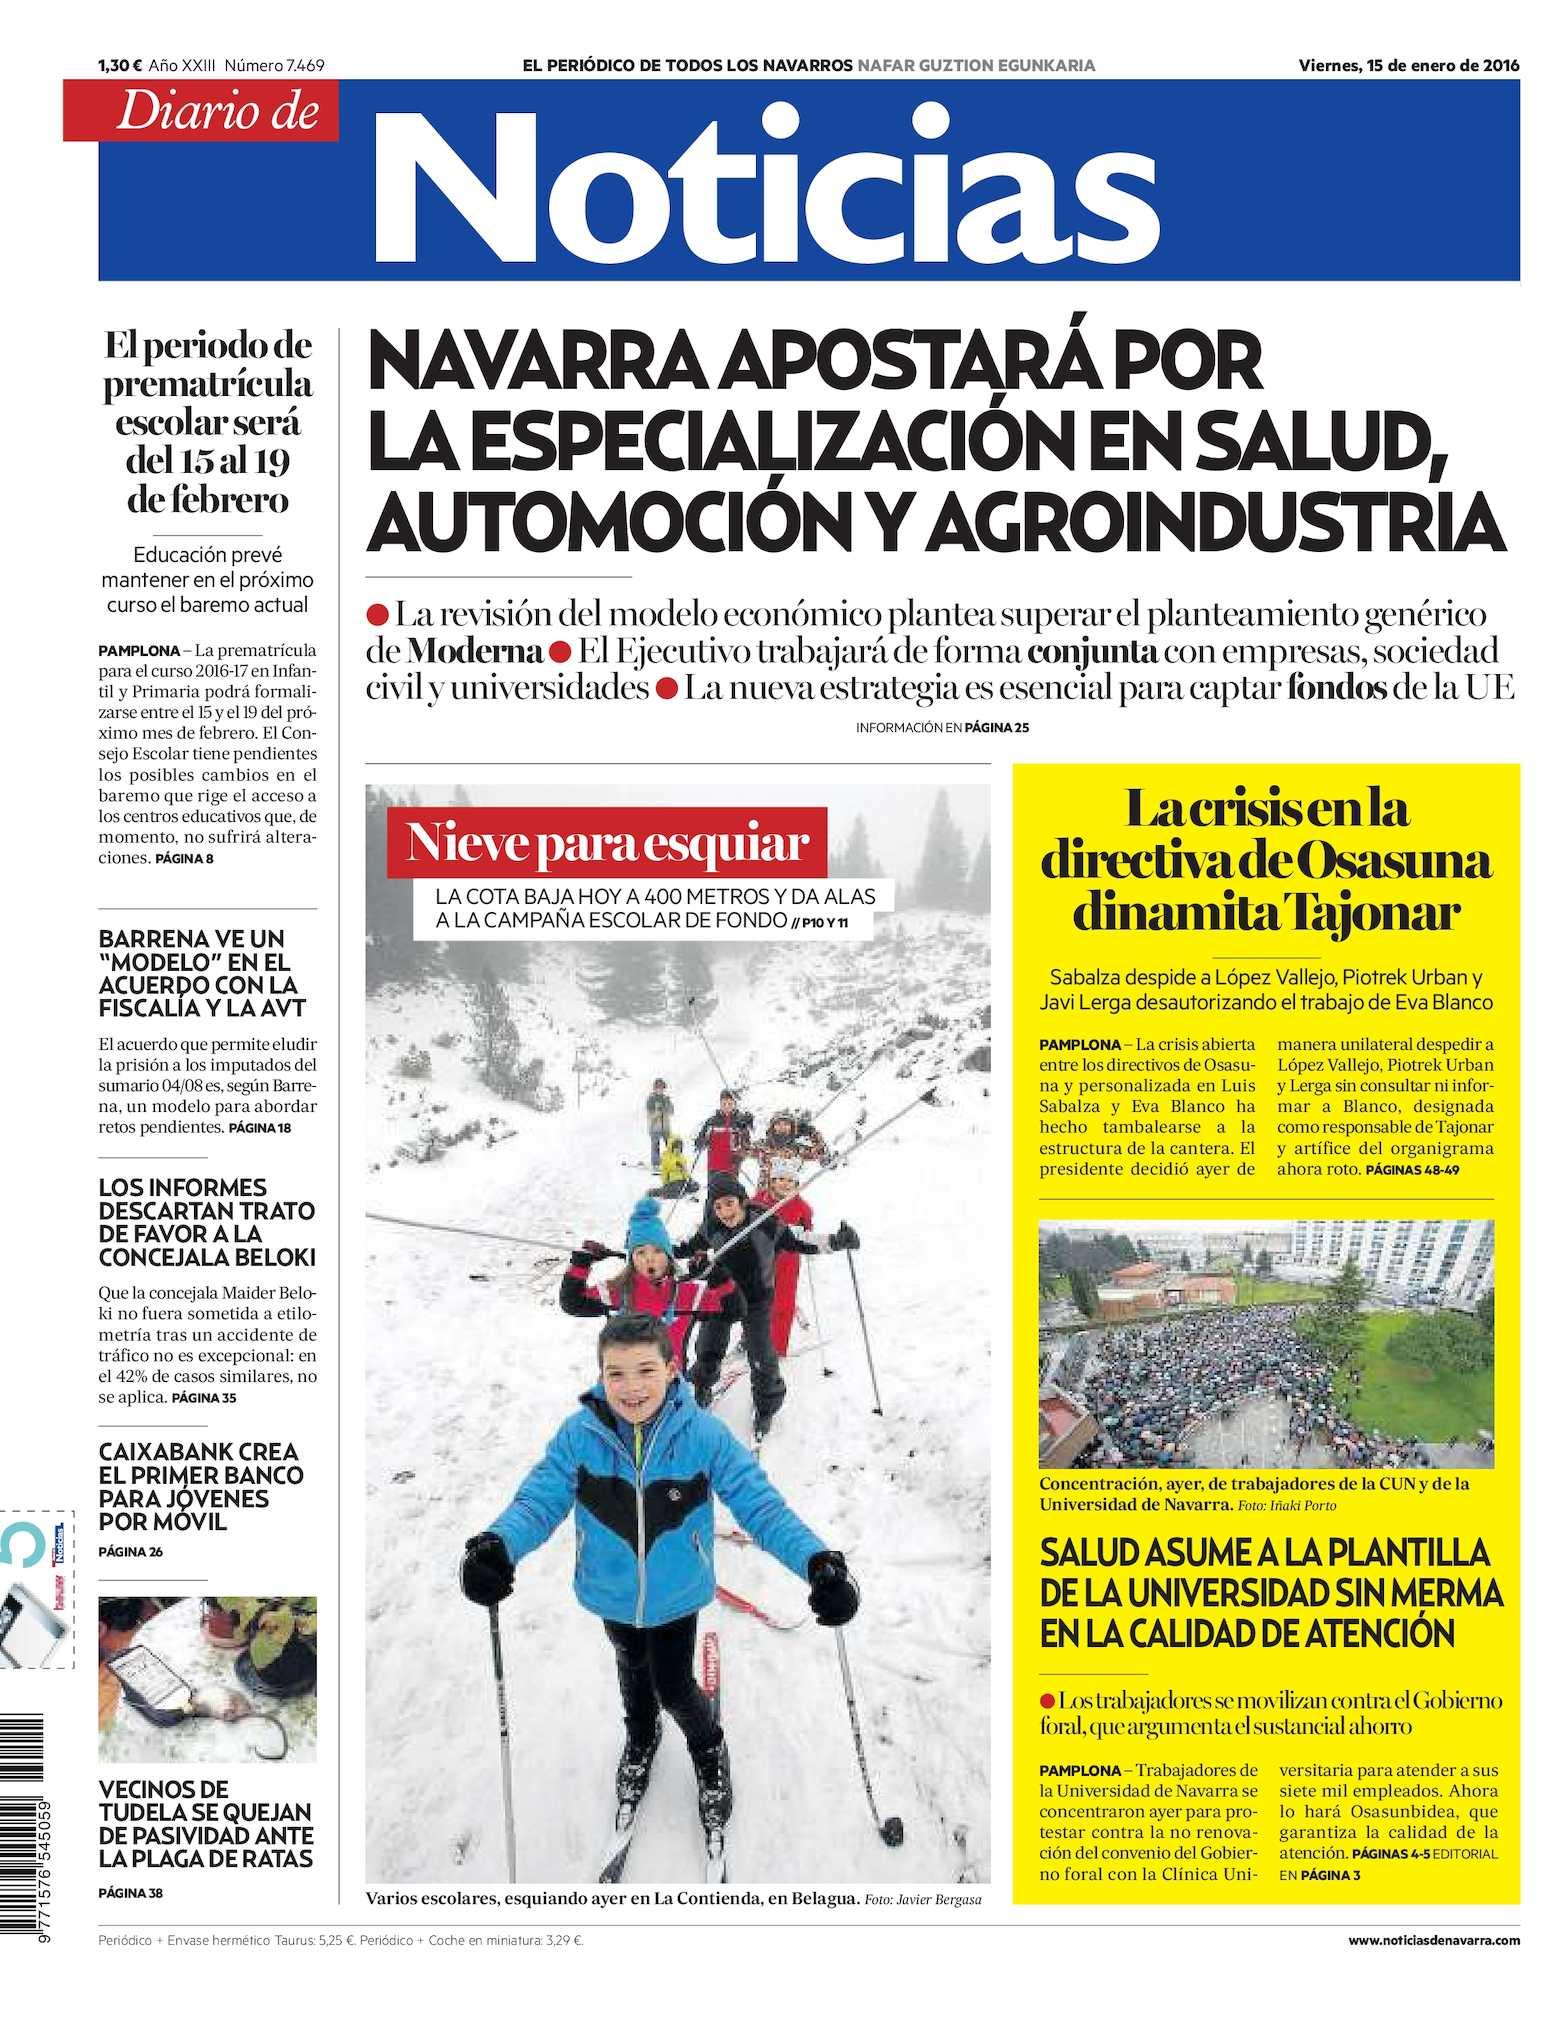 195dce62eab1 Calaméo - Diario de Noticias 20160115